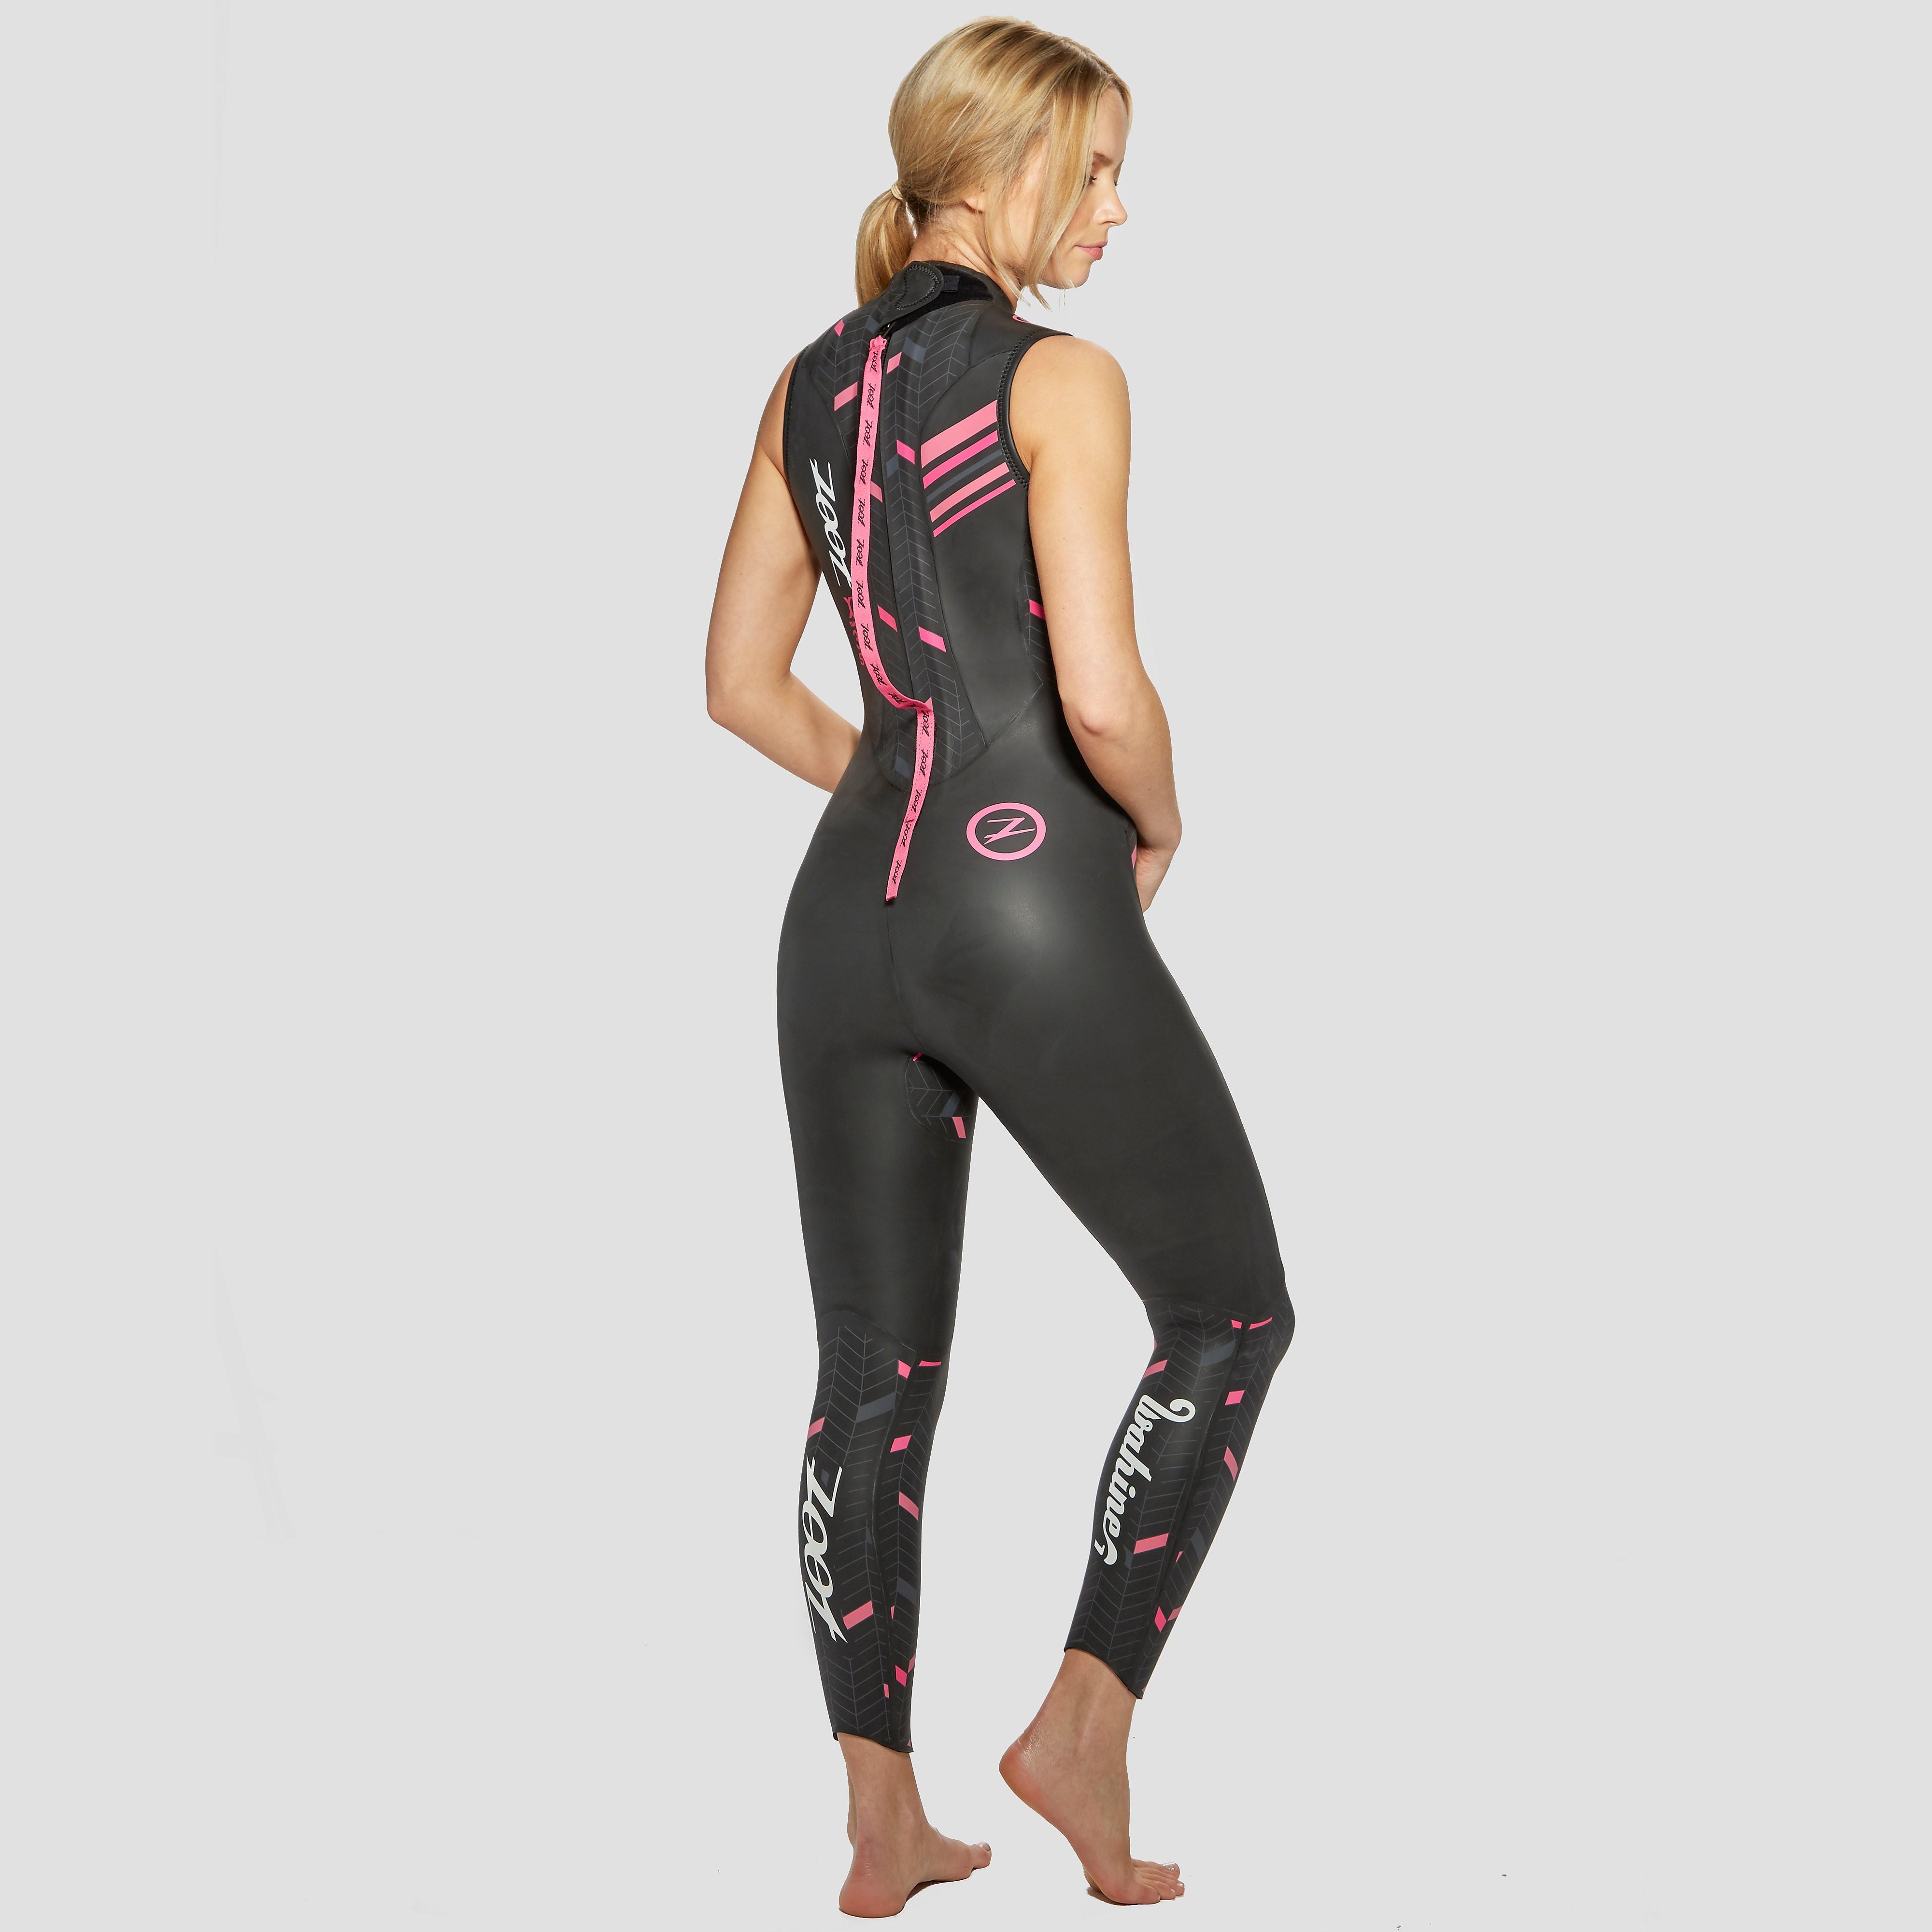 Zoot Wahine 1 Women's Wetsuit